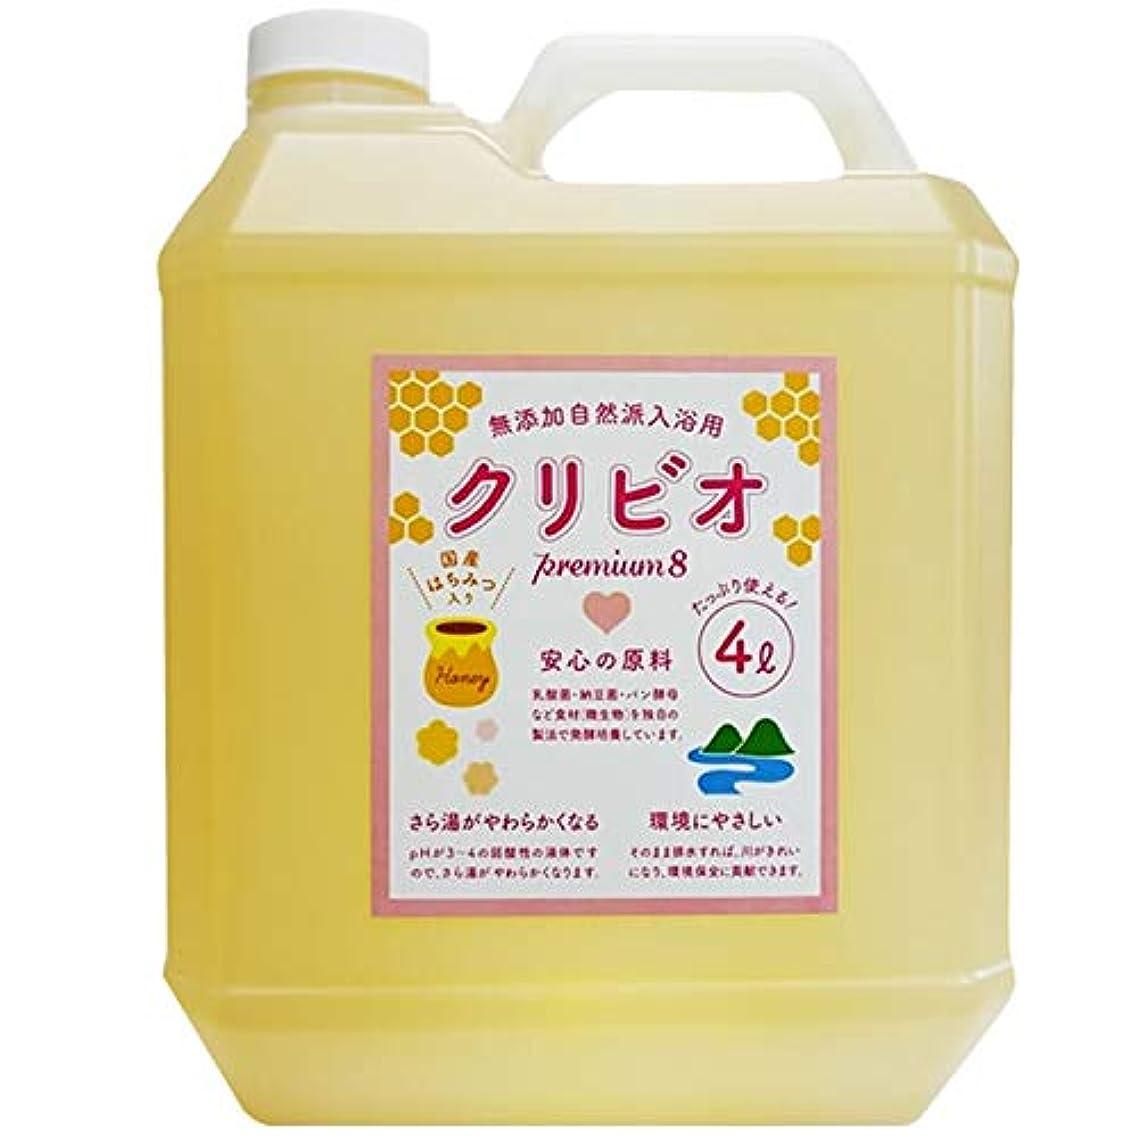 次ペネロペプログラム国産蜂蜜乳酸菌入り 自然派入浴用クリビオpremium8 4リットルお徳用*計量カップ?L型ノズル付【無添加】